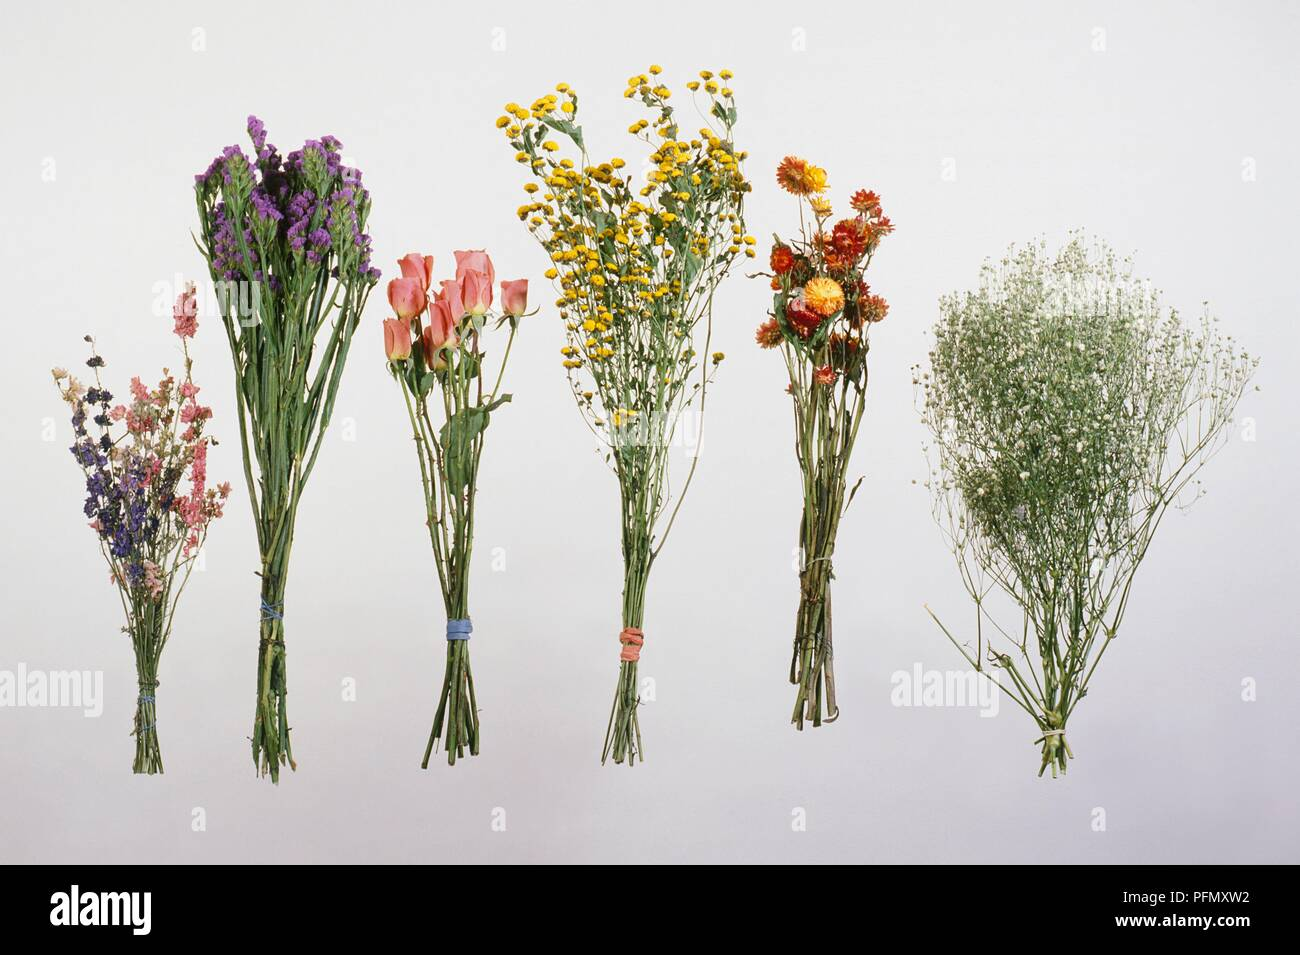 Mazzo Di Fiori Legato.Mazzi Di Fiori Legata A Secco Rose Tansy Gypsophila Delphinium